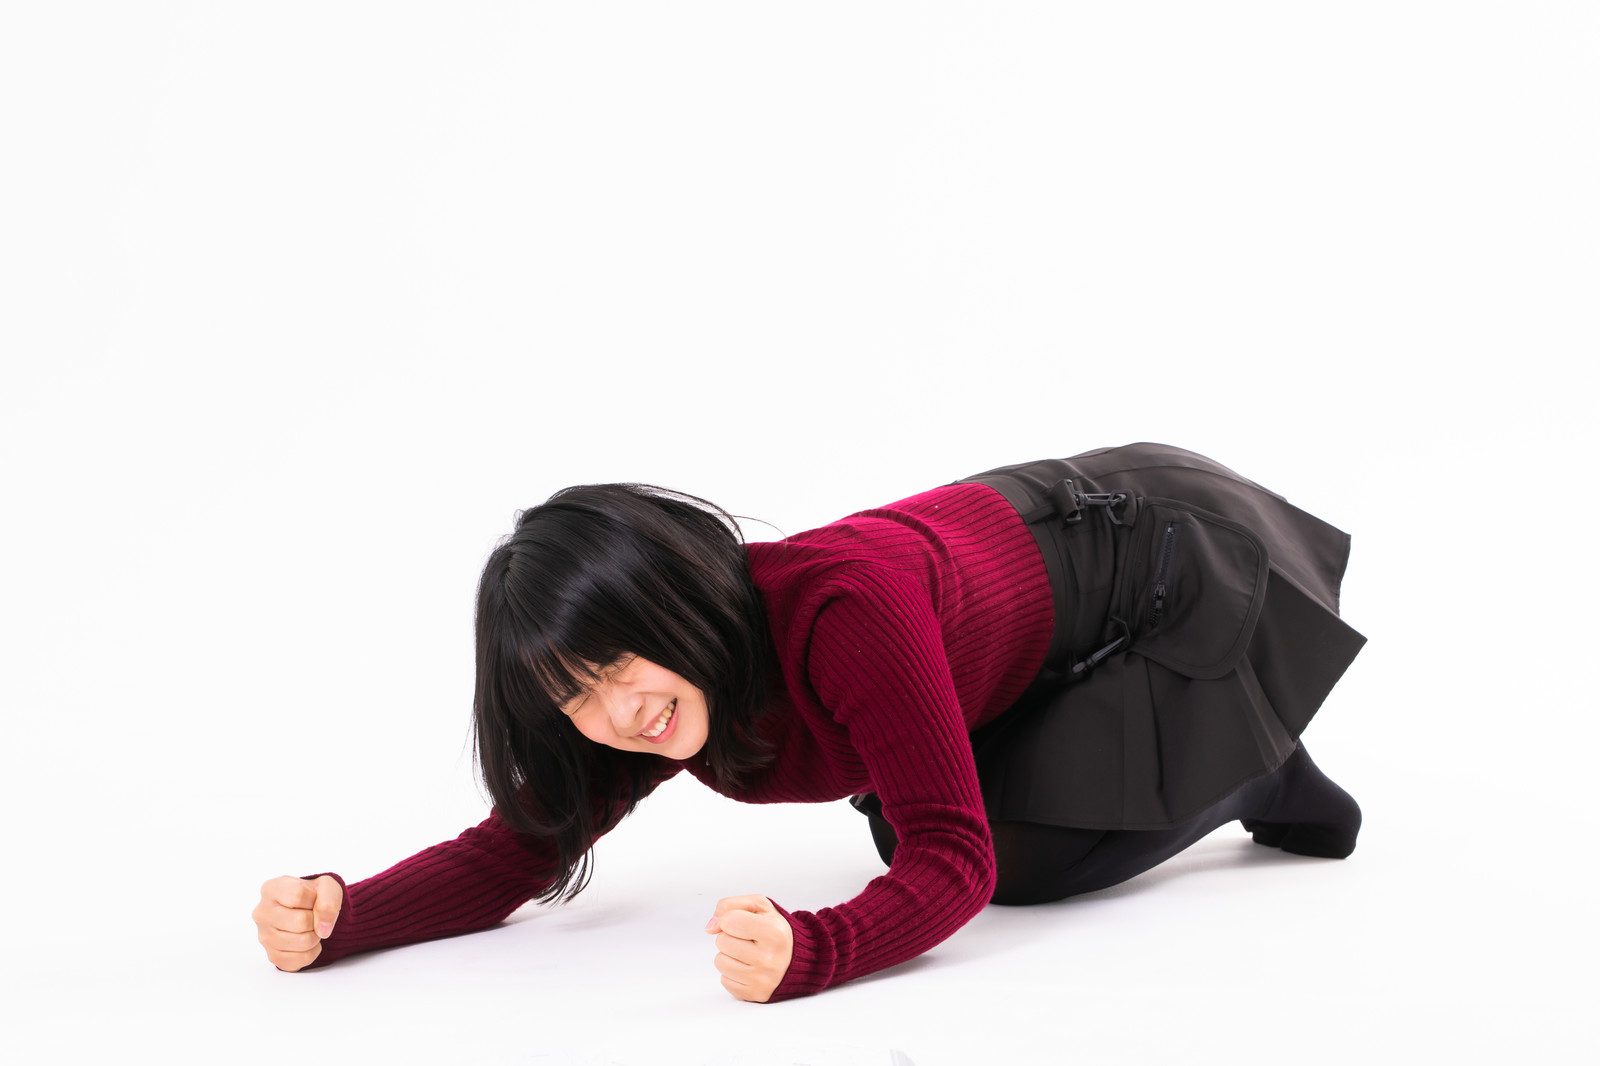 履歴書や職務経歴書の詐称は罰せられる?知らないと損する転職の常識!の画像3